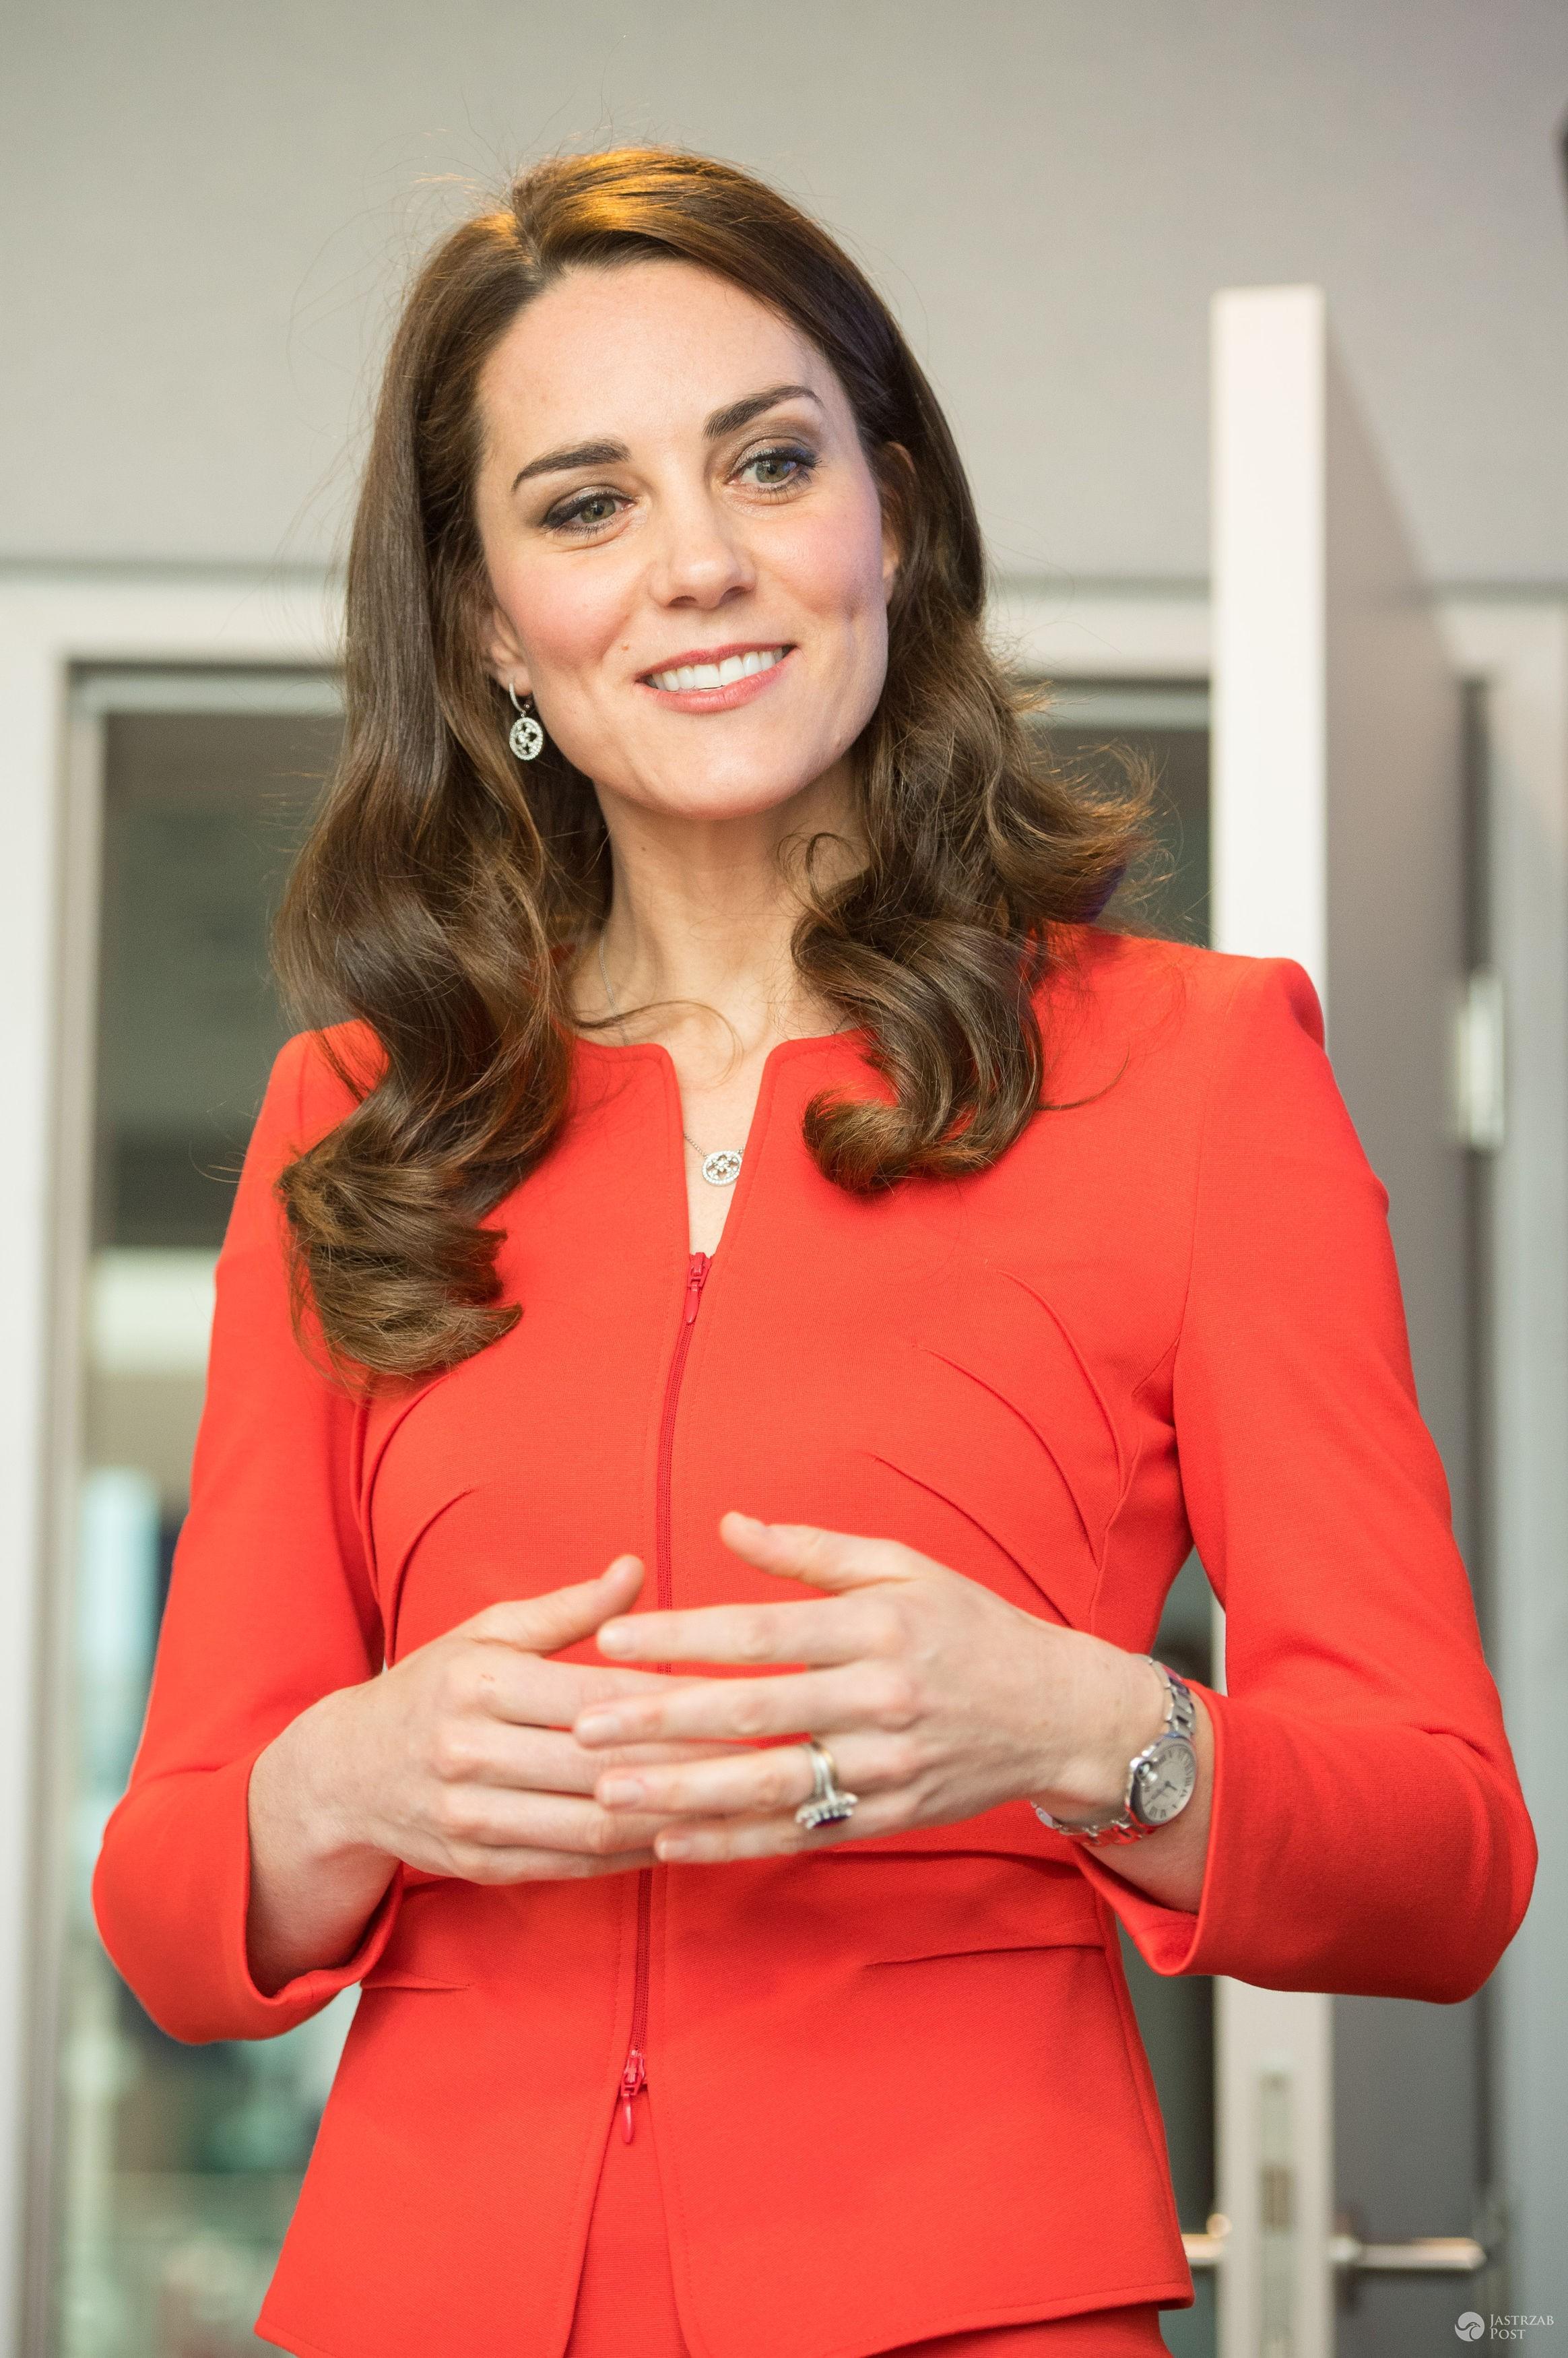 Świetna stylizacja księżnej Kate! Czerwony komplet ożywiła dodatkiem polskiej marki! - Czerwona stylizacja księżnej Kate